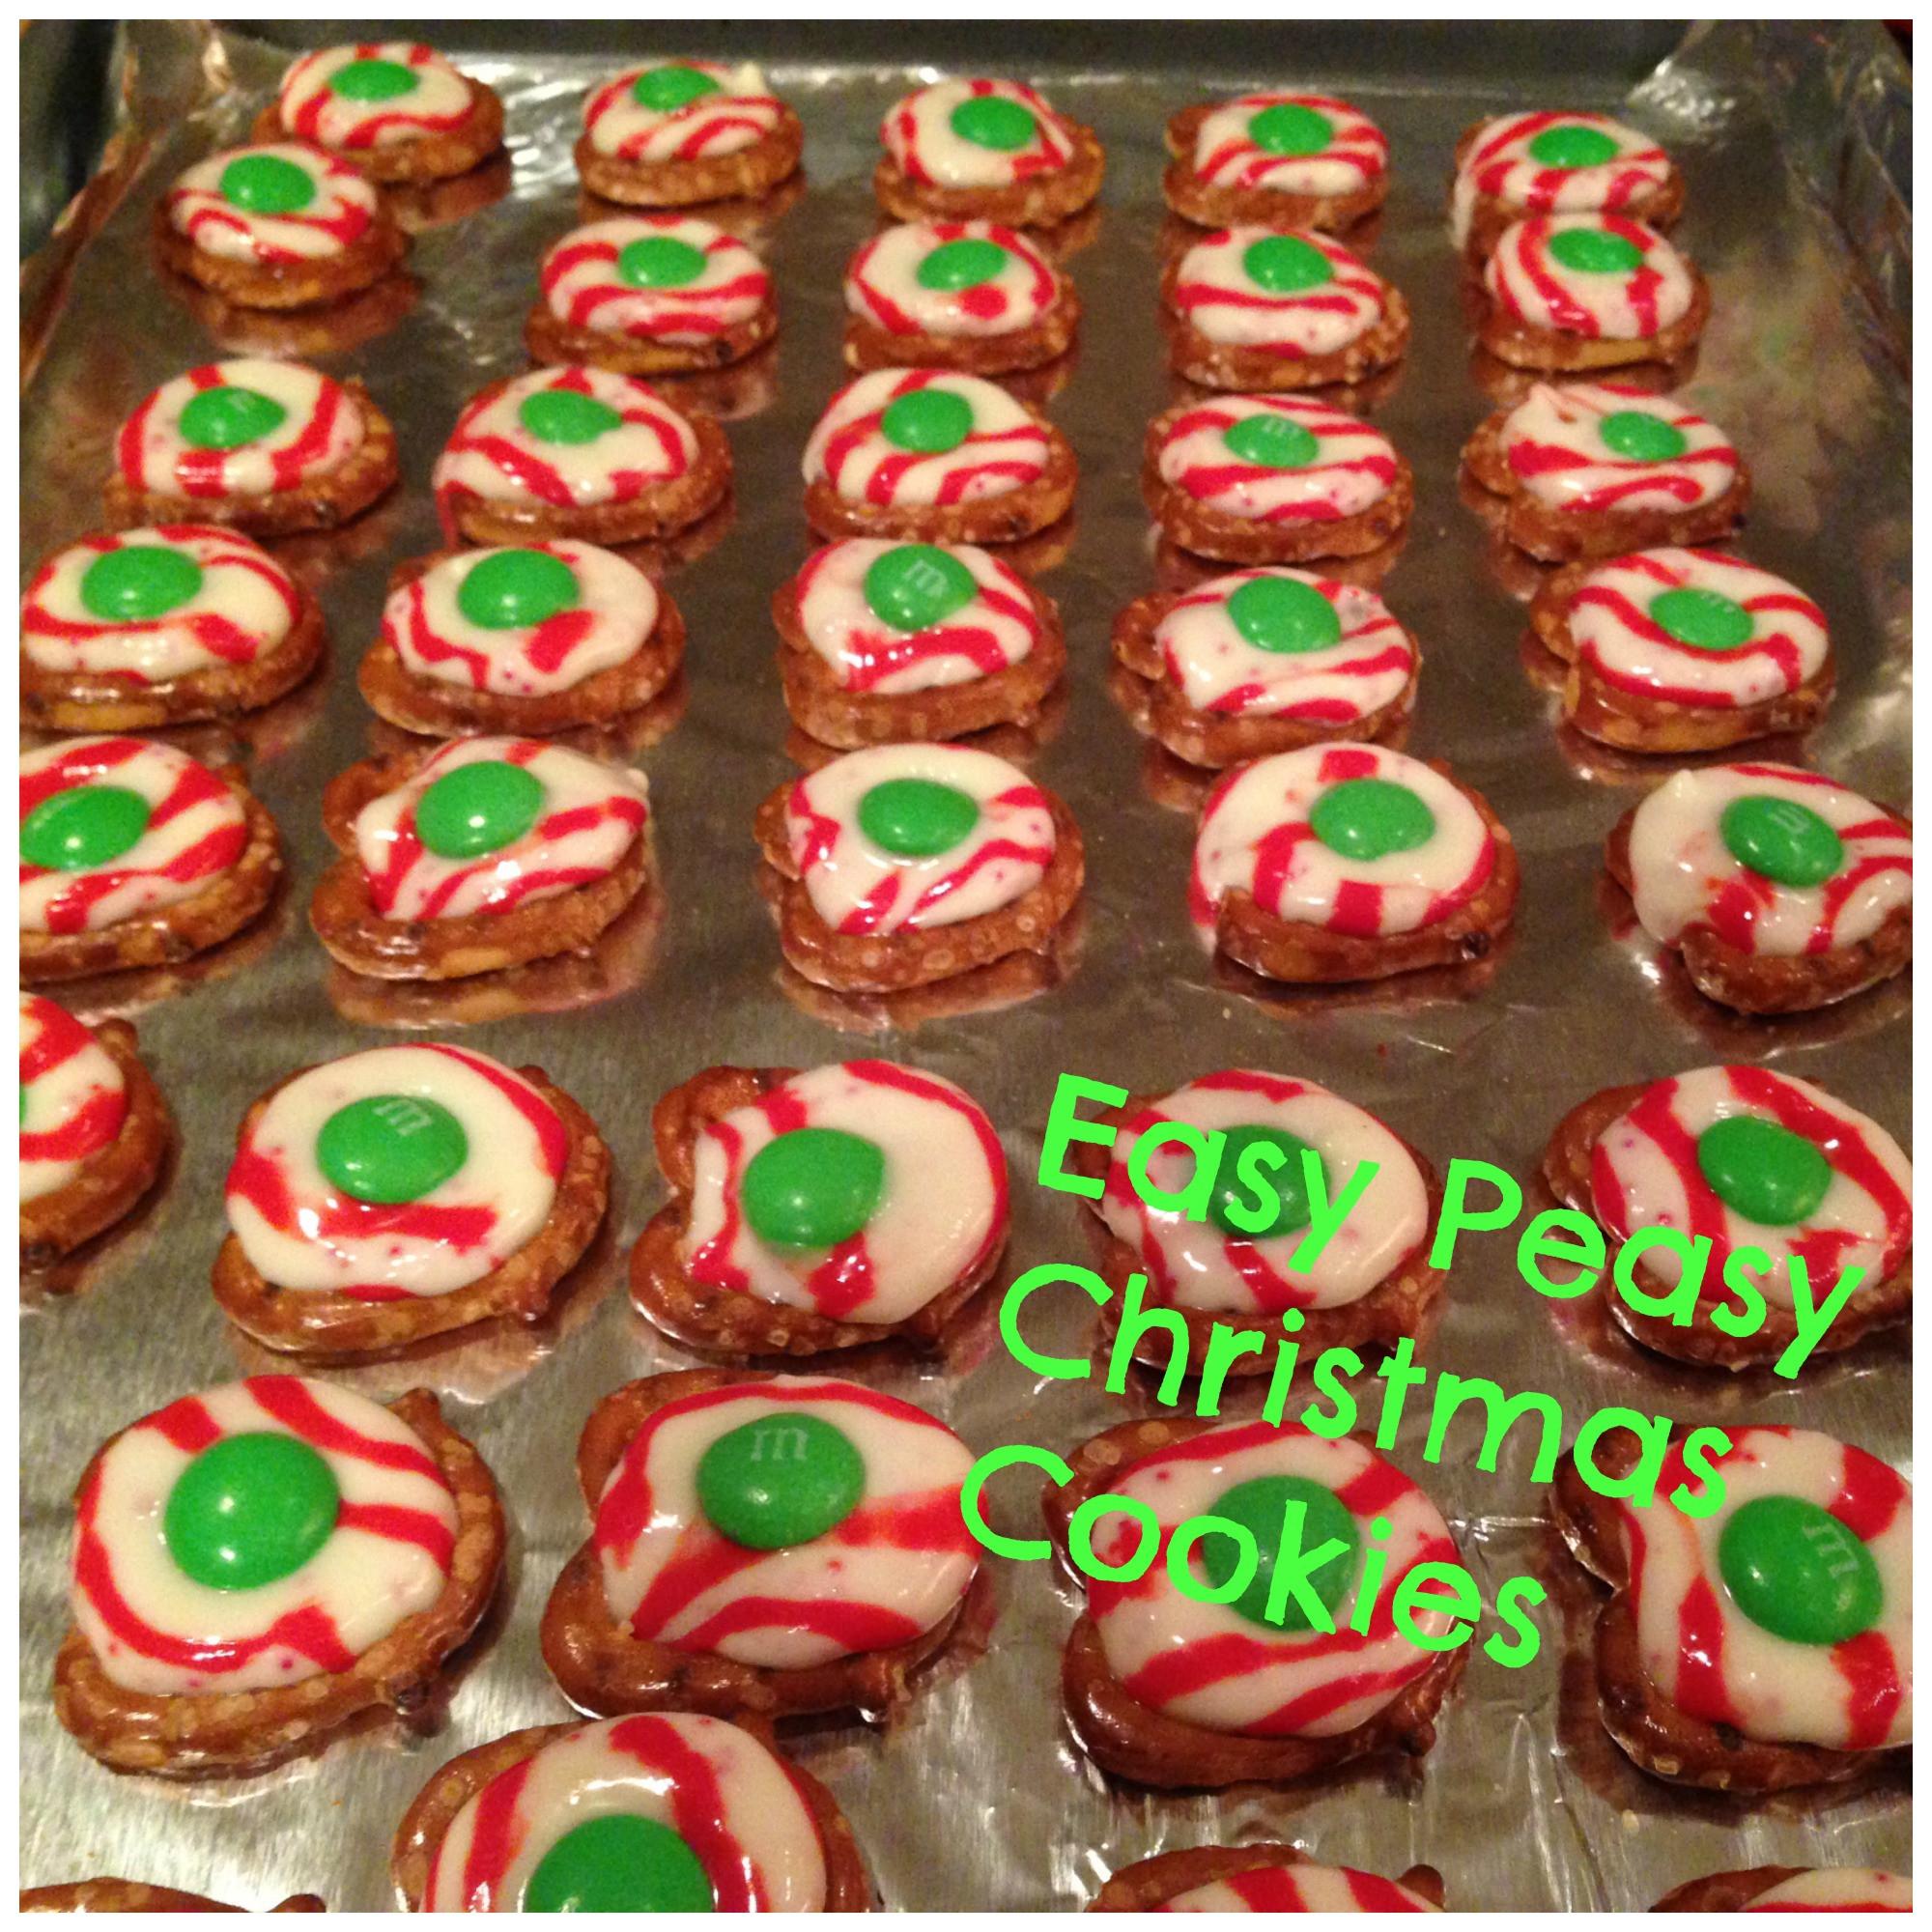 Easiest Christmas Cookies  Easy Peasy Christmas Cookies Wrecking Routine